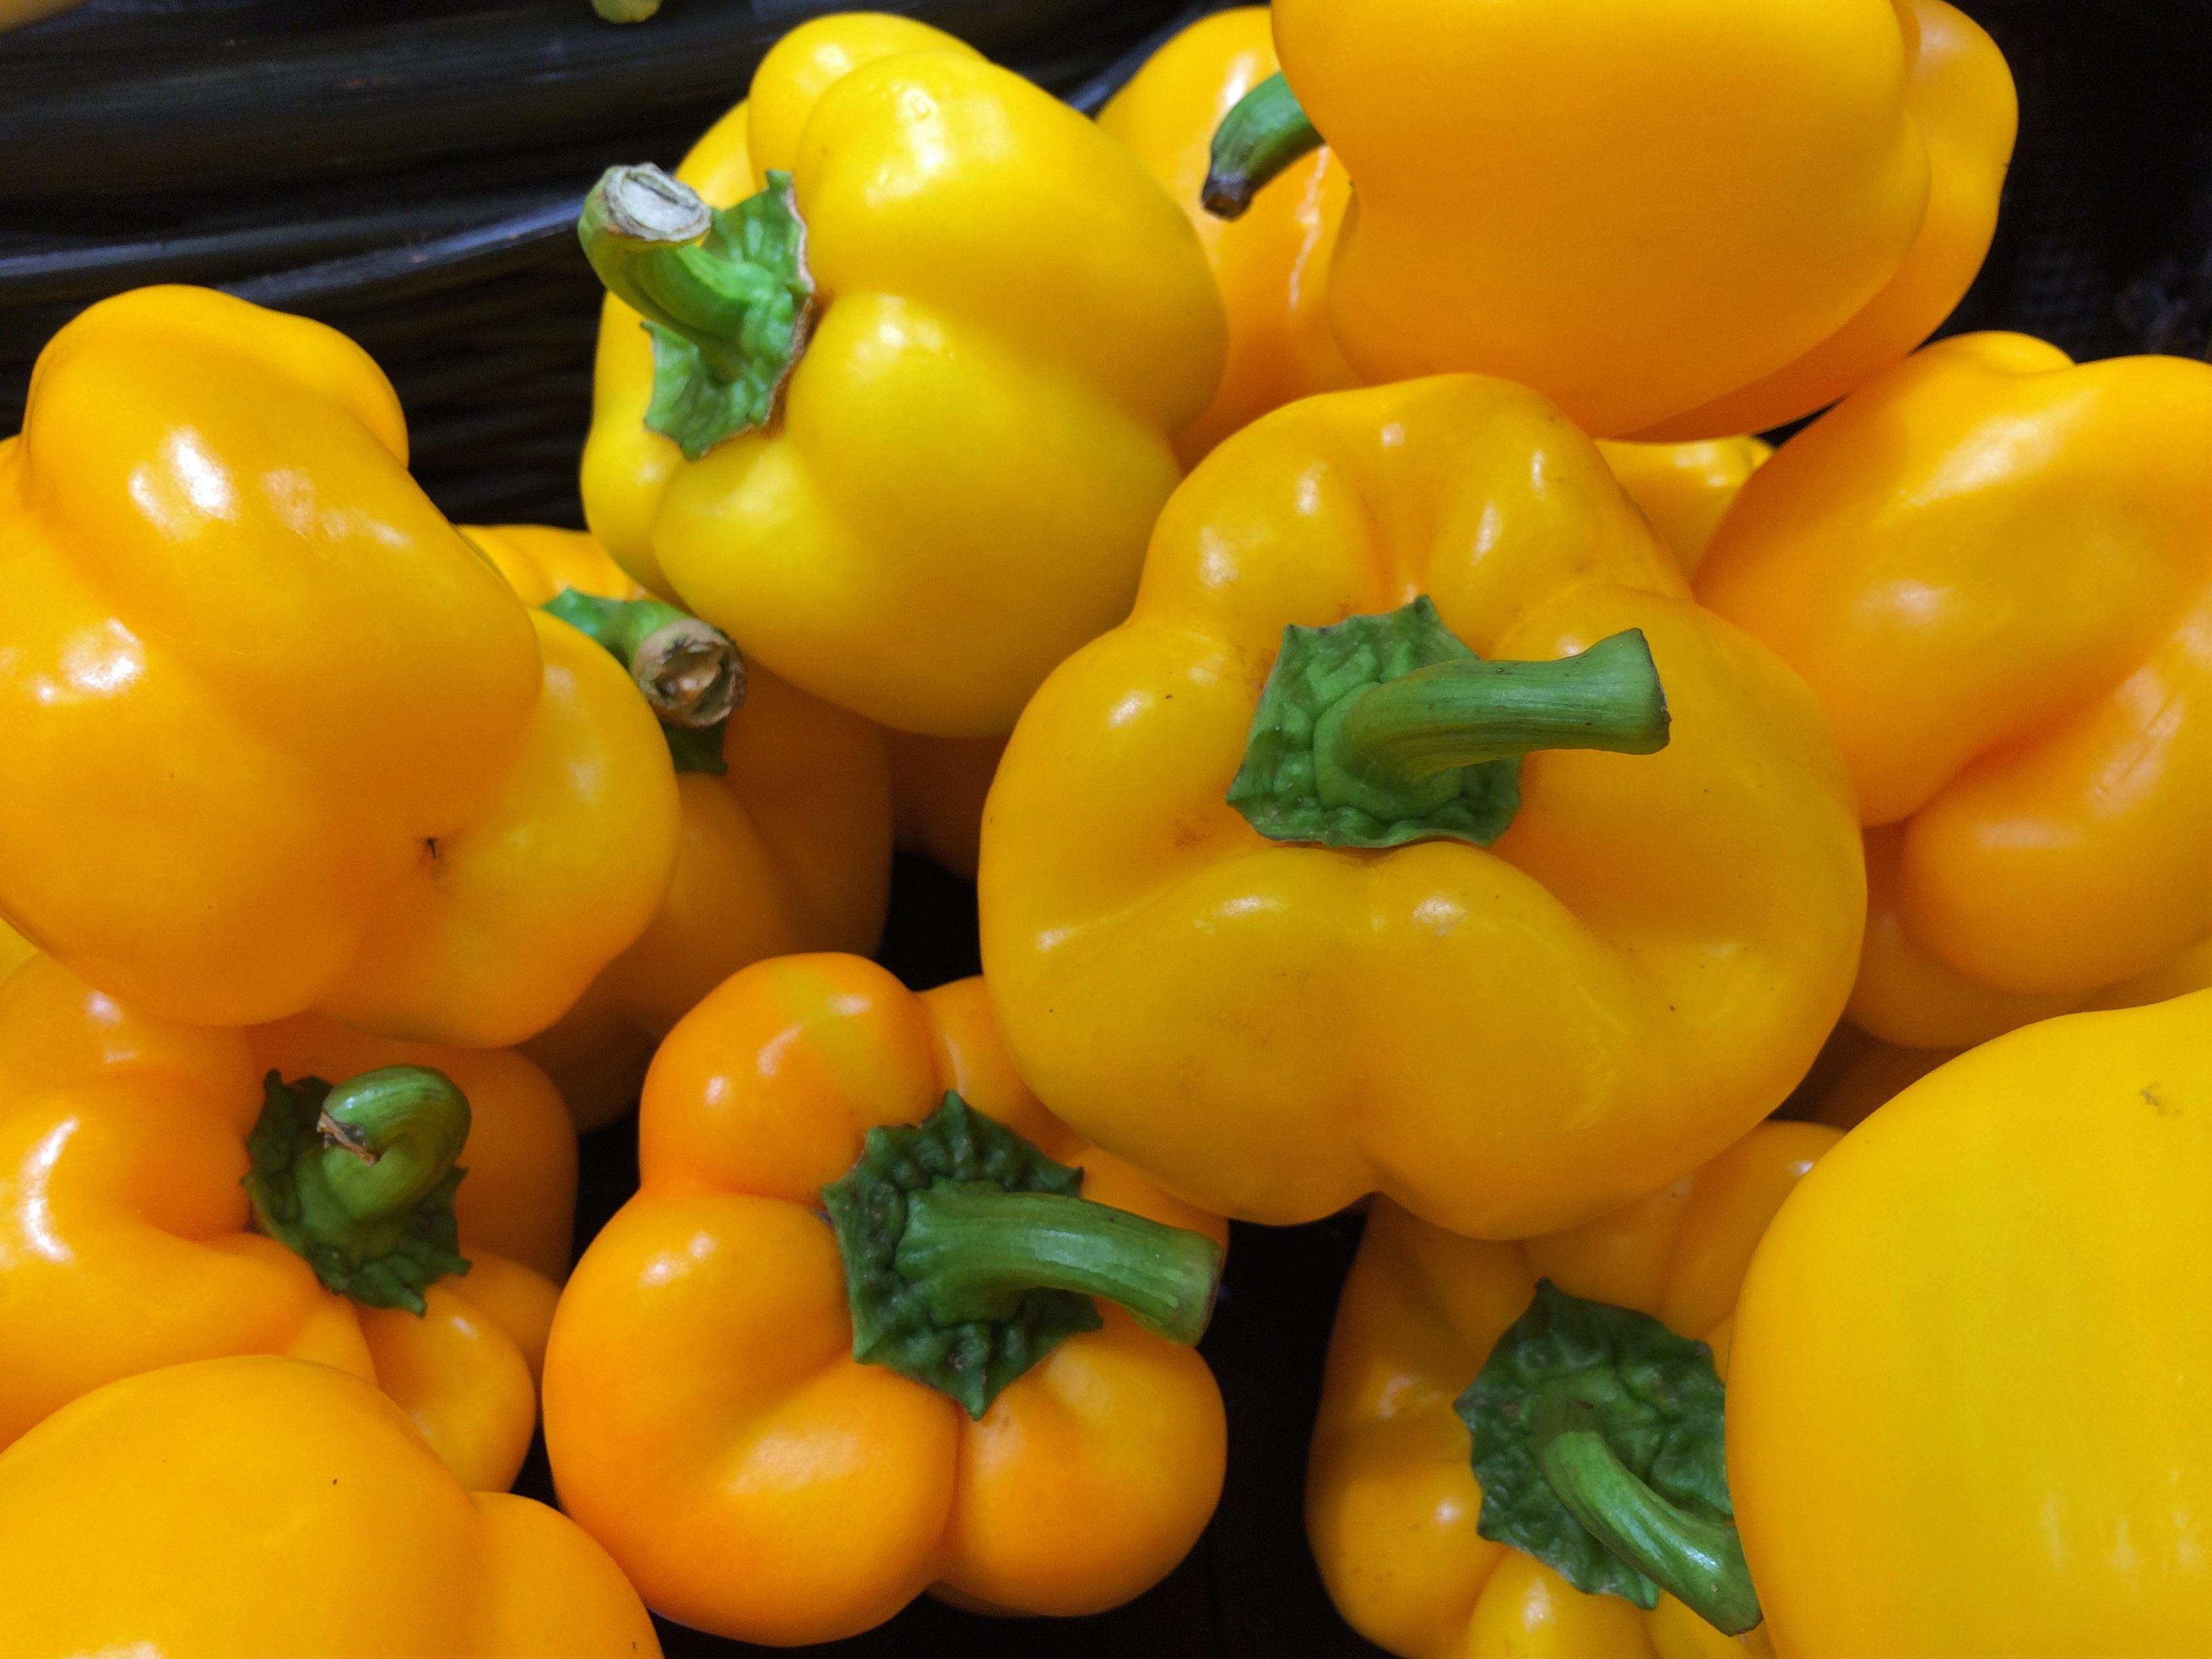 некоторые желтый овощ картинки брежнева одна